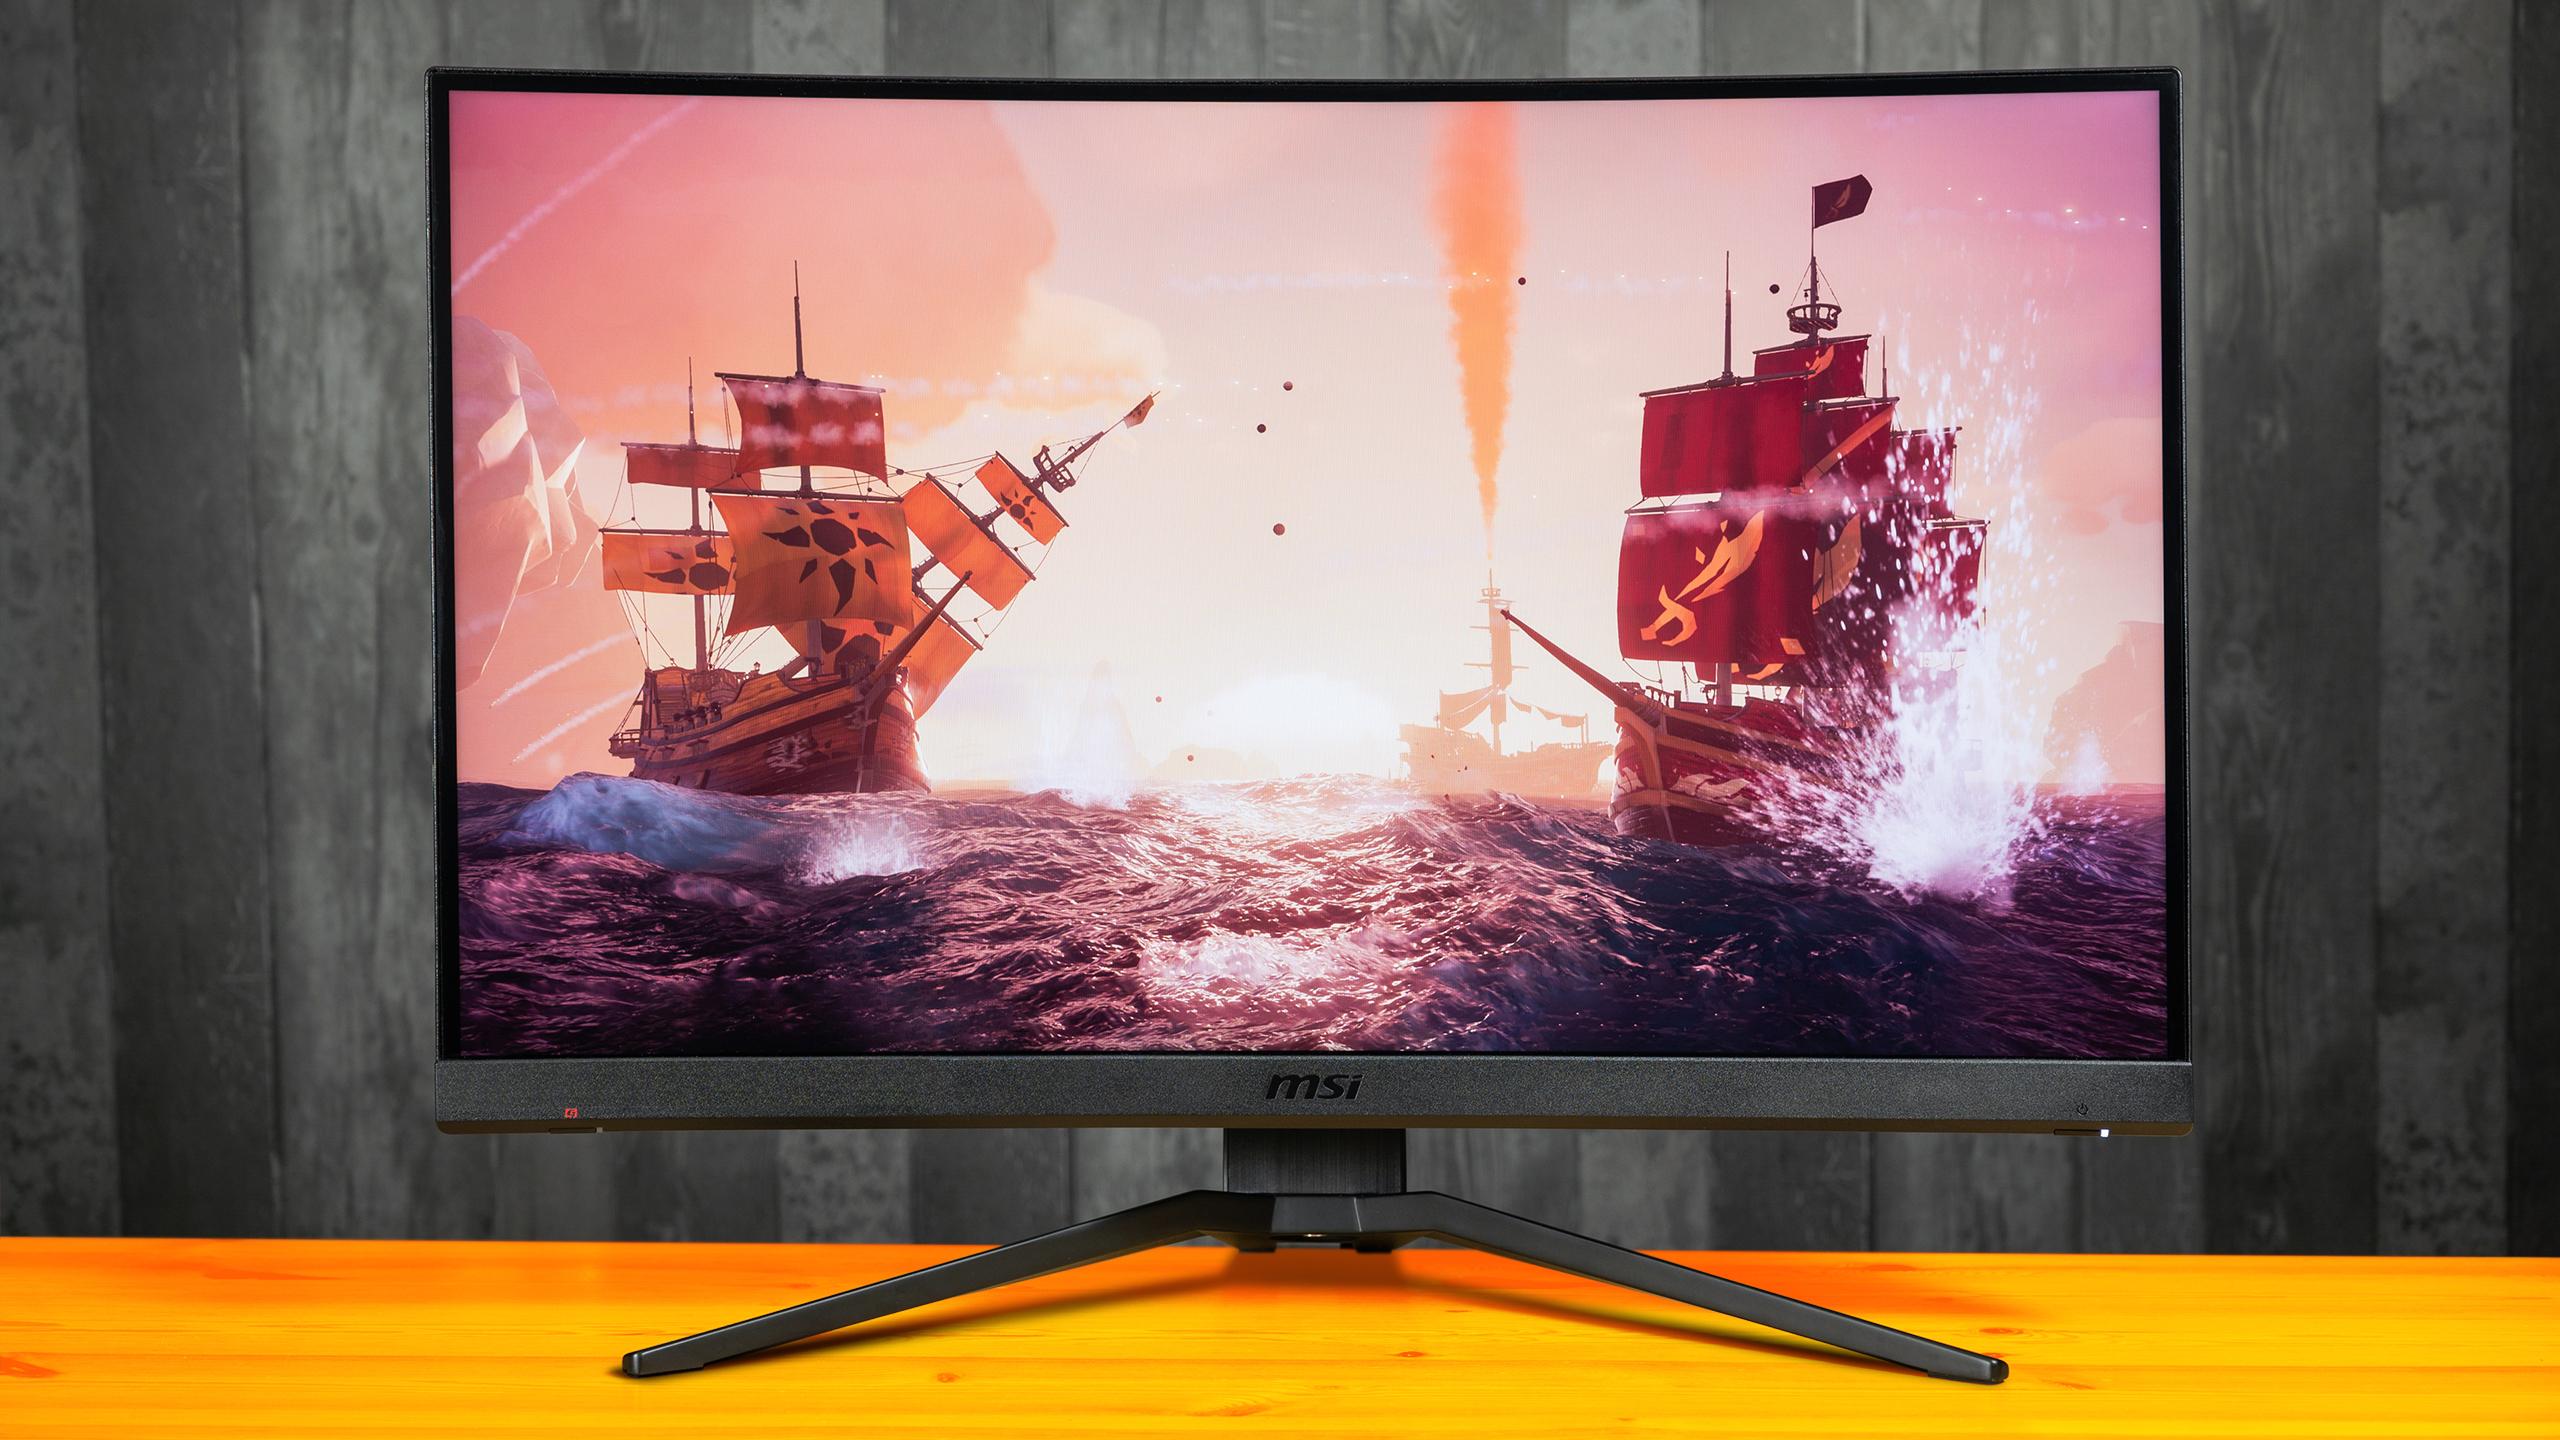 Vooraanzicht van de MSI Optix MAG272CQR-monitor, met daarop een screenshot van Sea of Thieves afgebeeld.